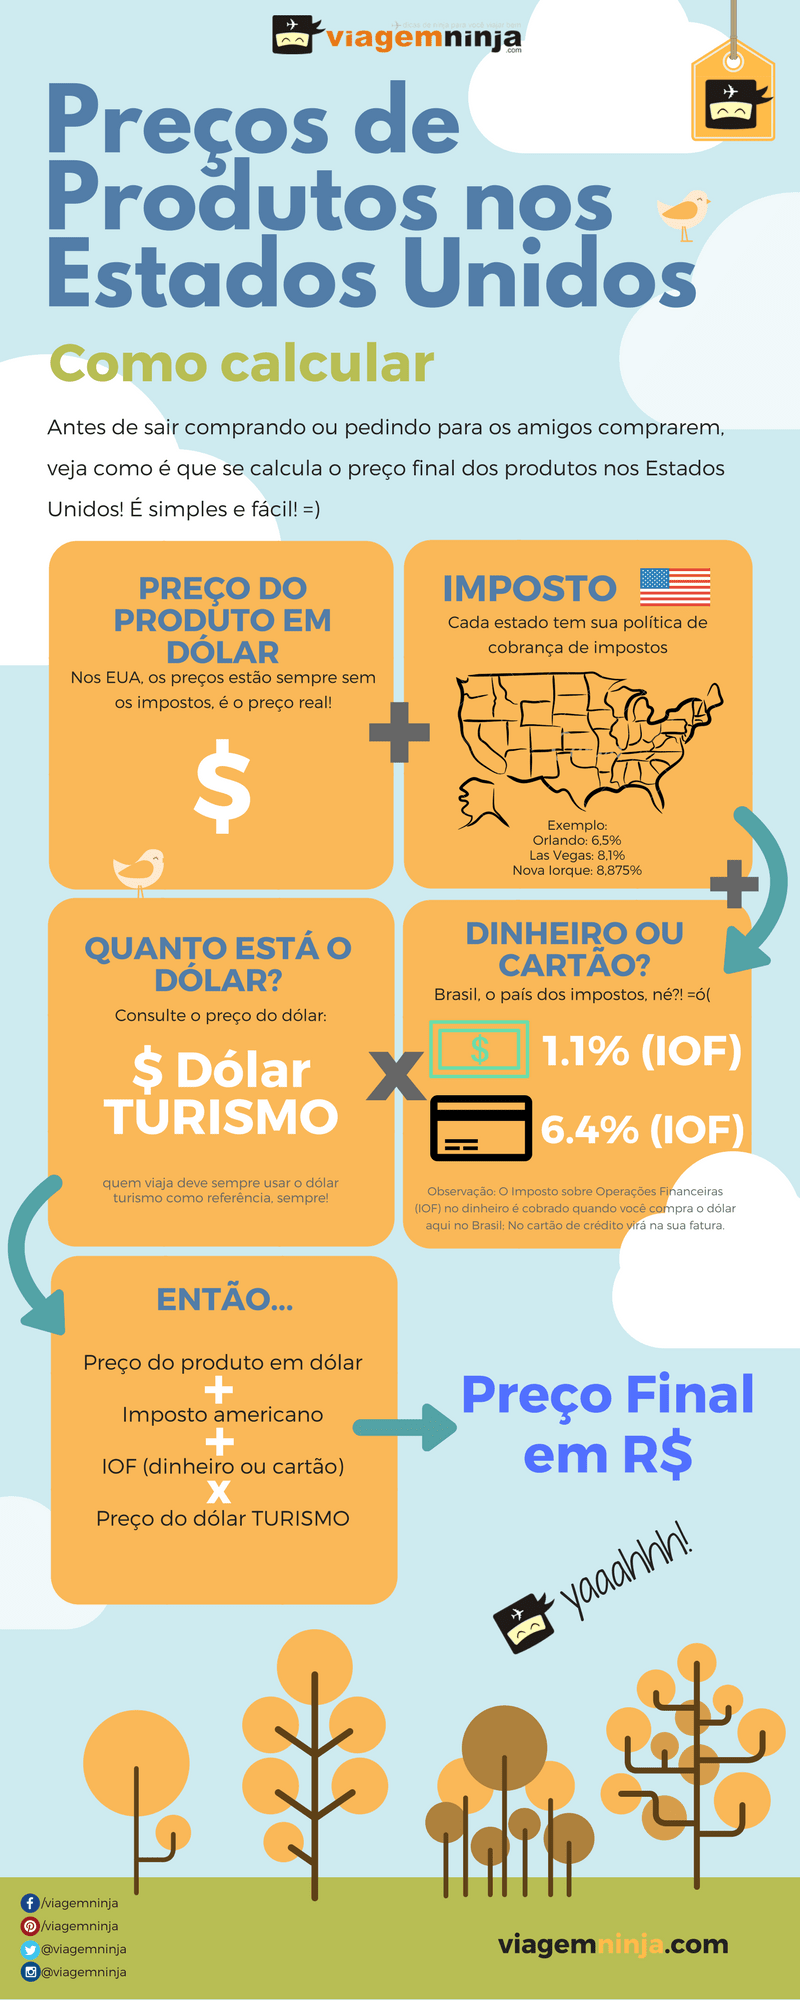 Como-Calcular-Precos-de-Produtos-nos-Estados-Unidos-Infografico